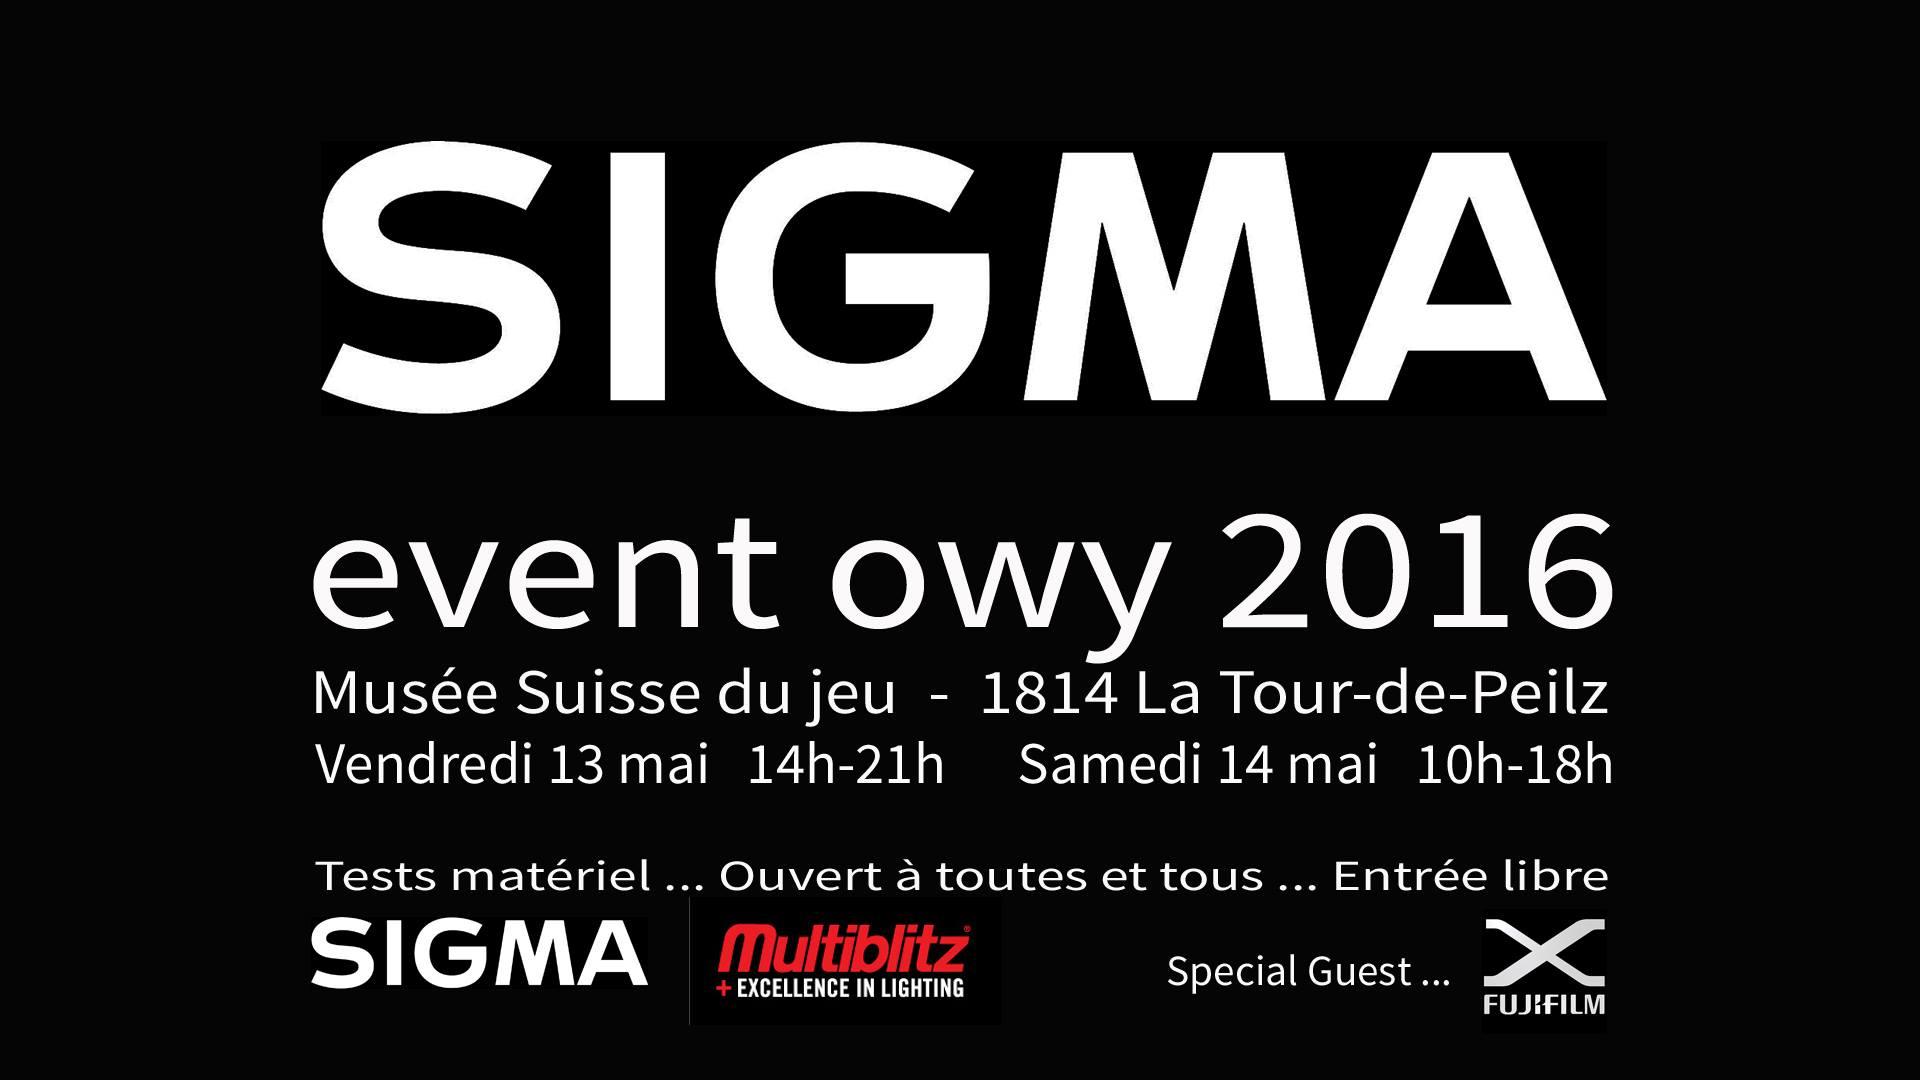 https://www.owy.ch/nachrichten/sigma-event-owy-2016.html